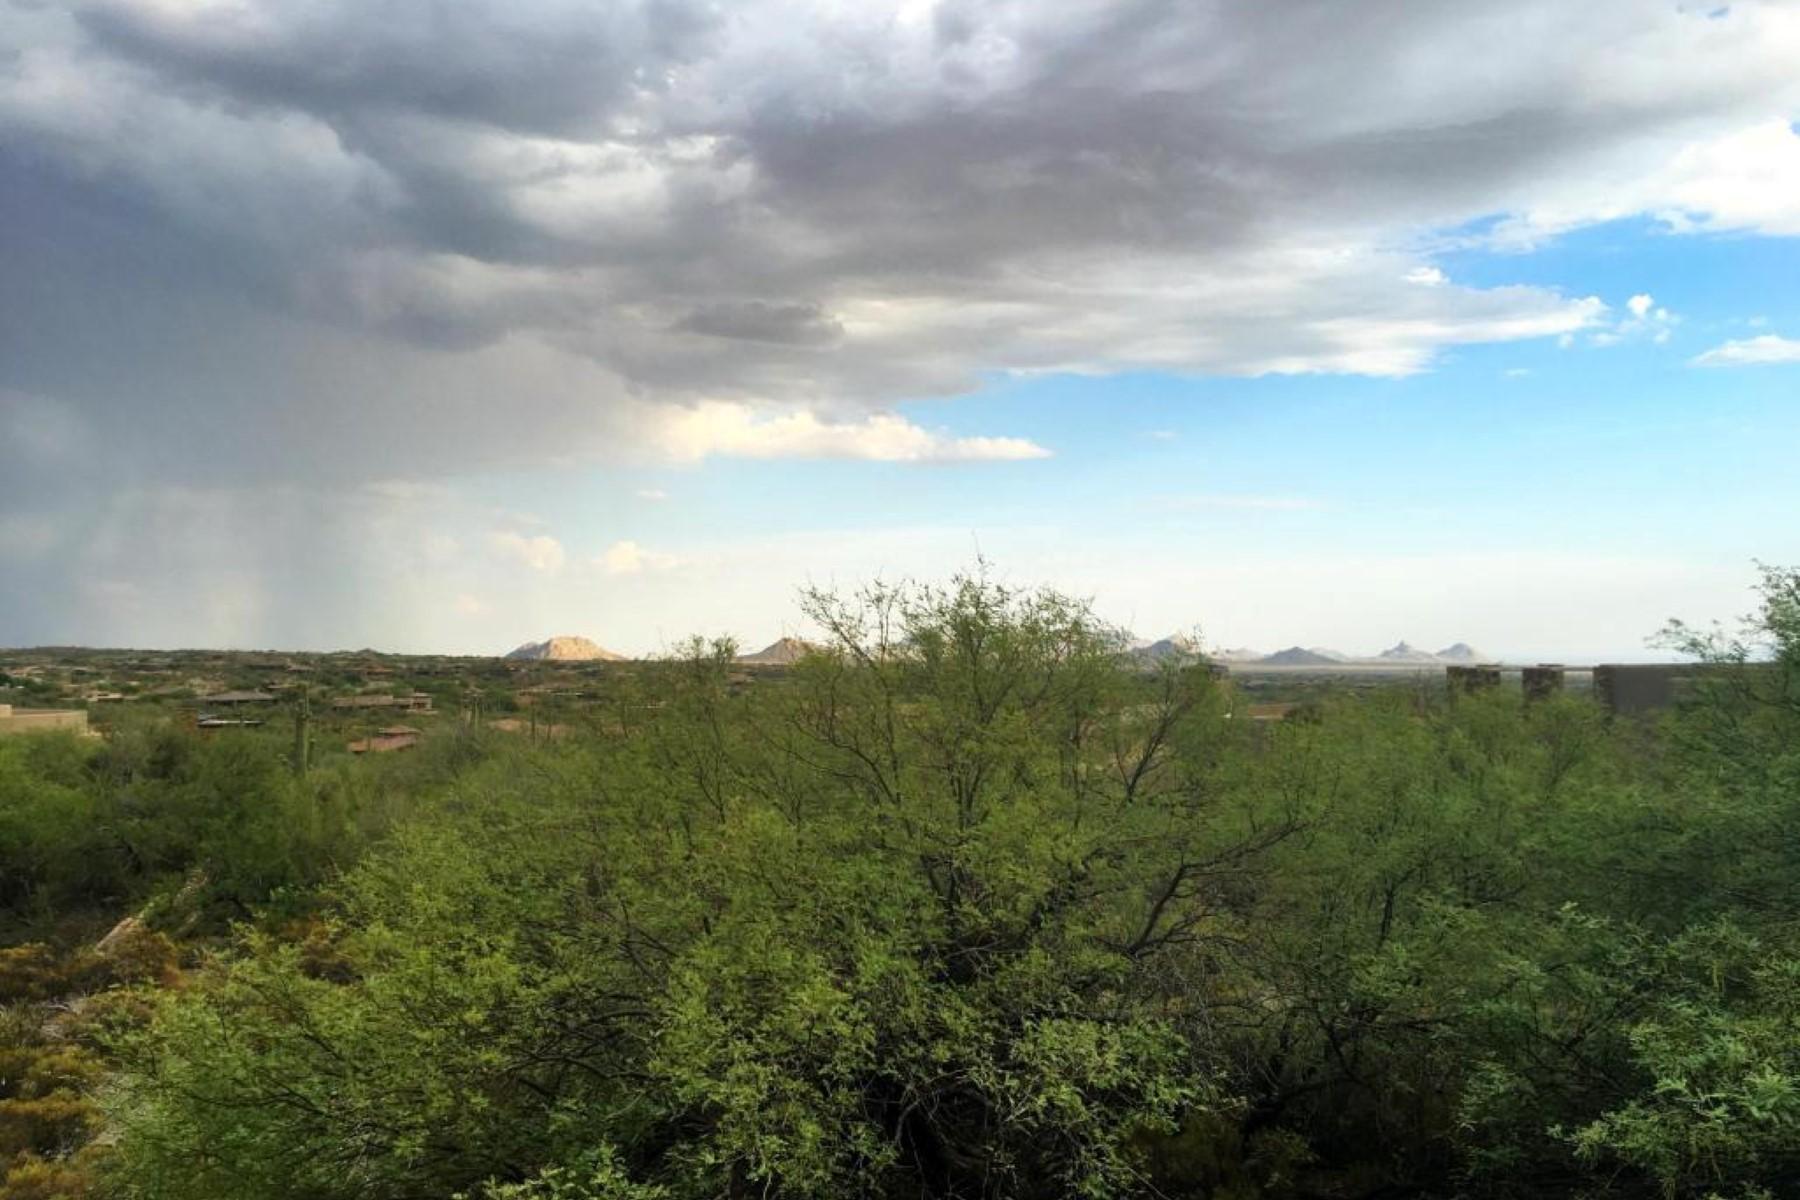 Arazi için Satış at Non-membership homesite Located in Saguaro Forest 42061 N 103rd Way #21 Scottsdale, Arizona, 85262 Amerika Birleşik Devletleri